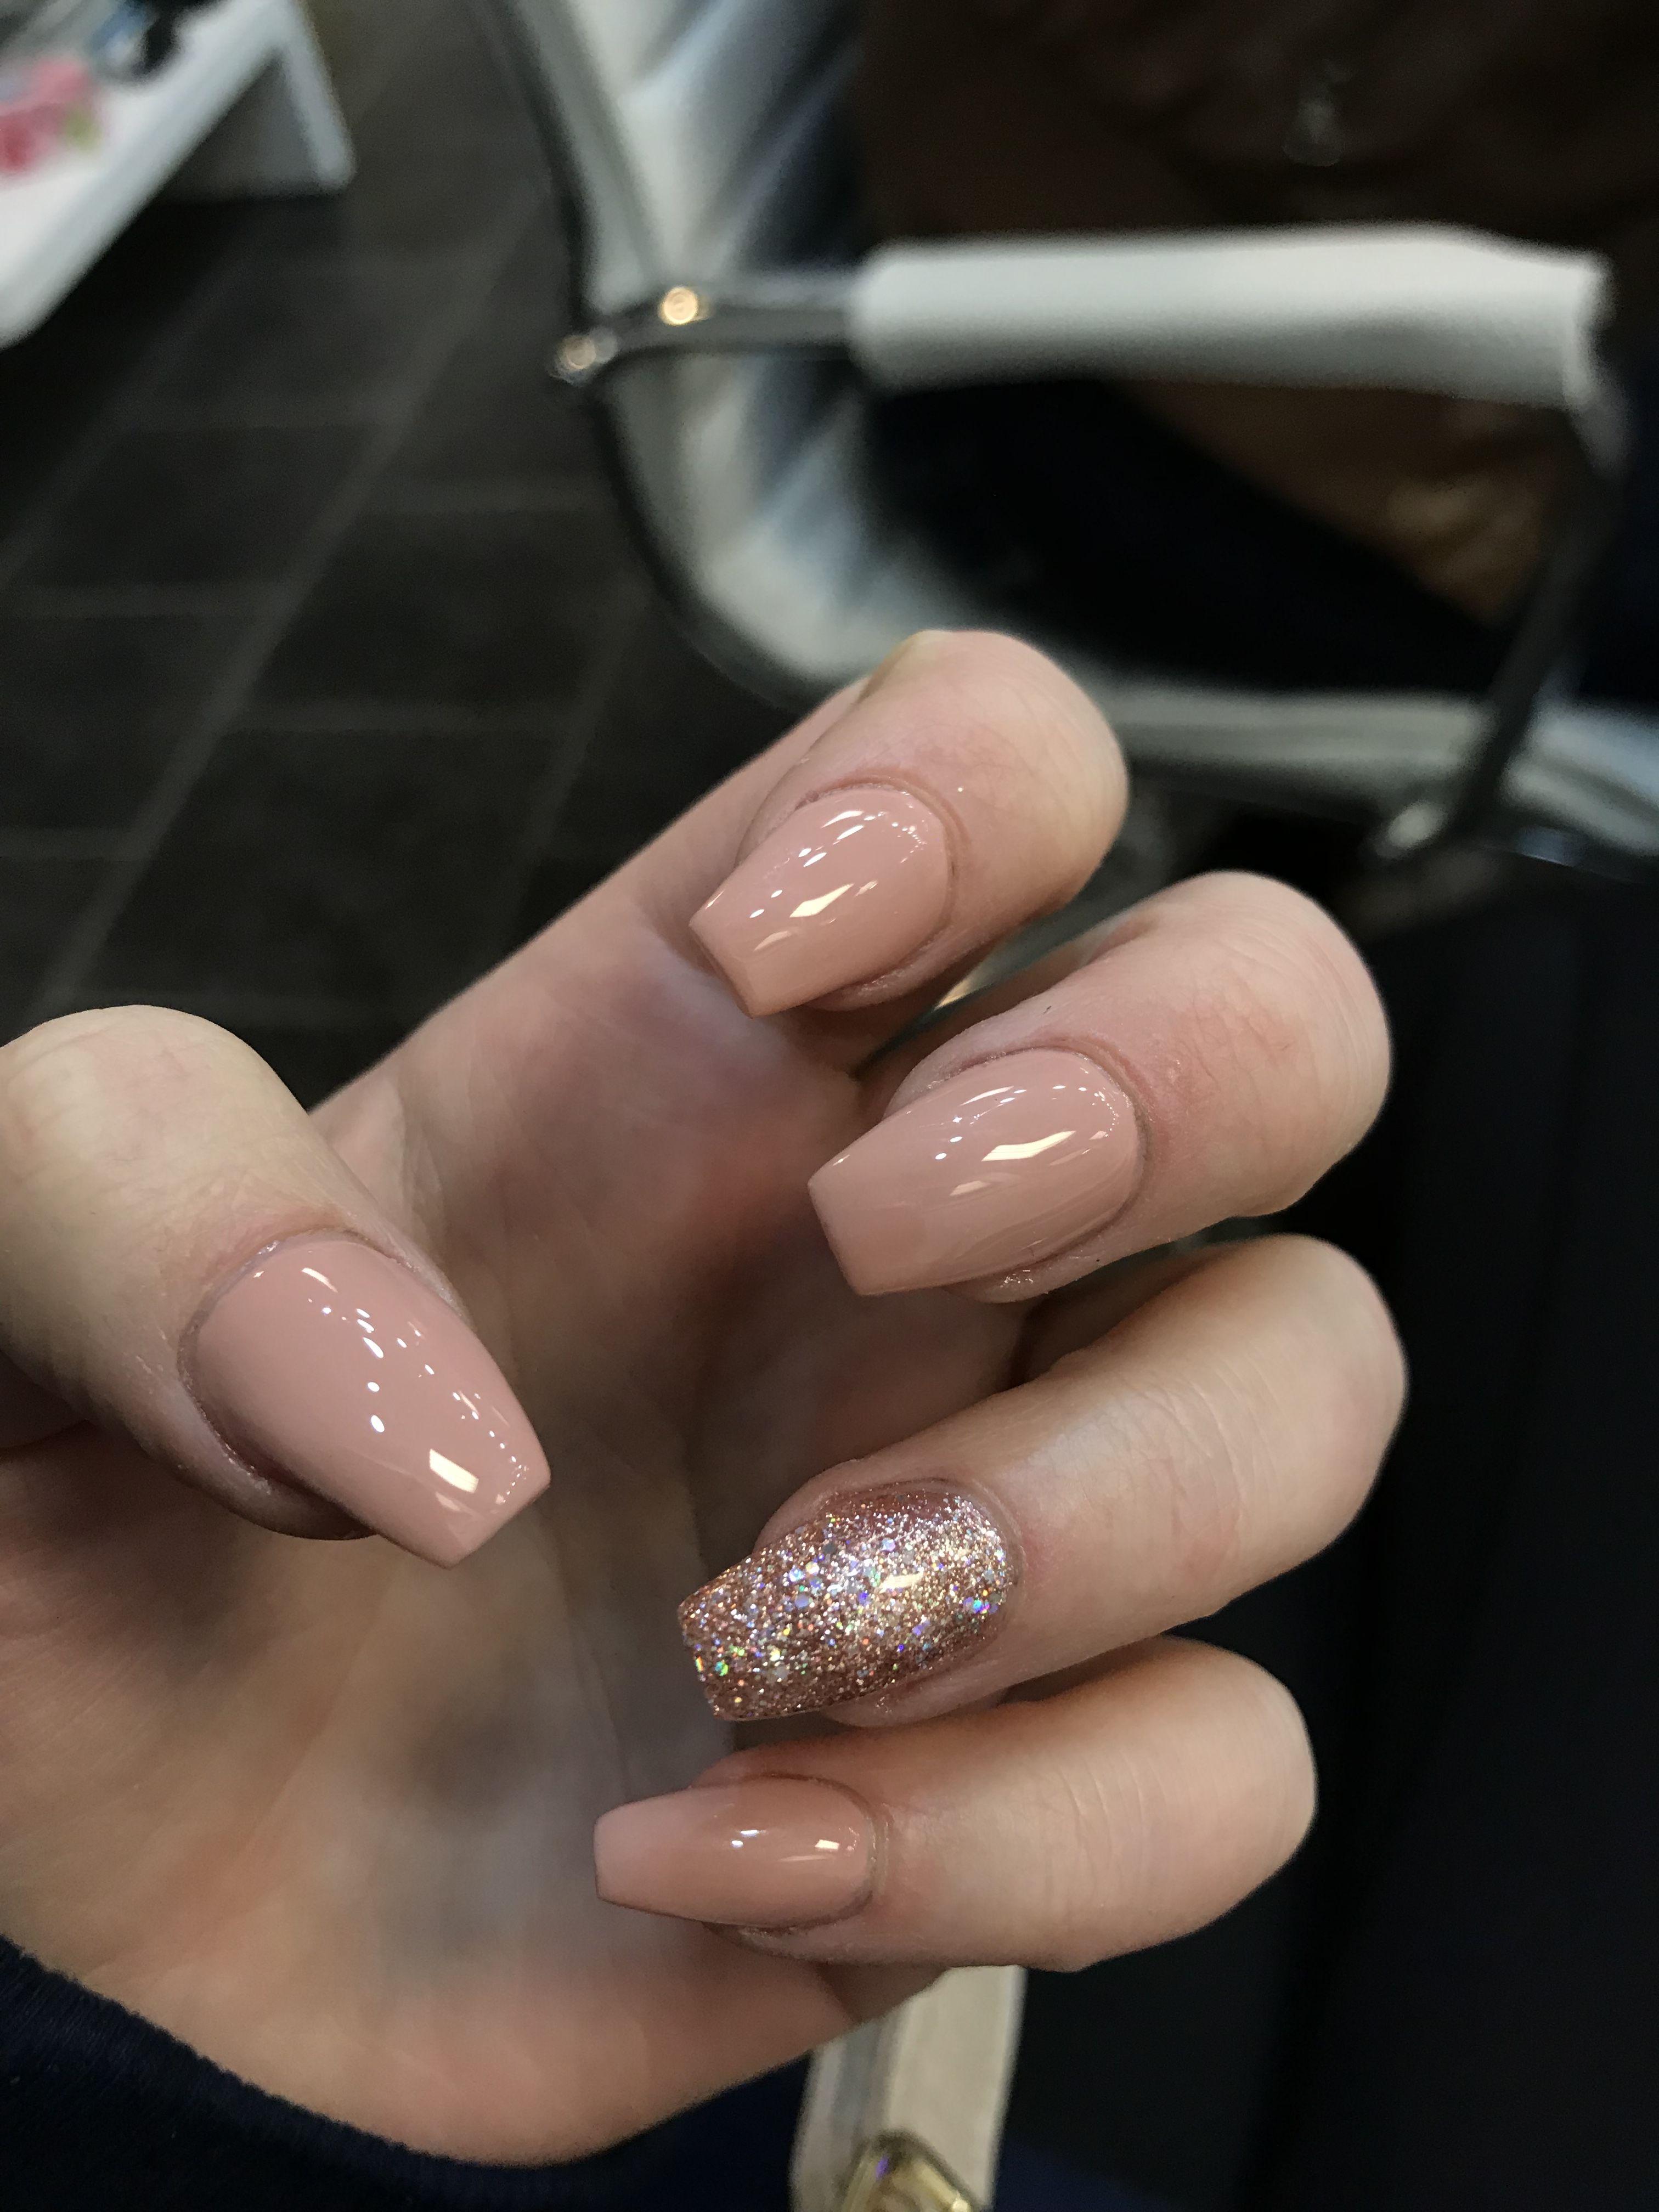 Pin by Karicia cancel on Nails | Pinterest | Makeup, Nail nail and ...